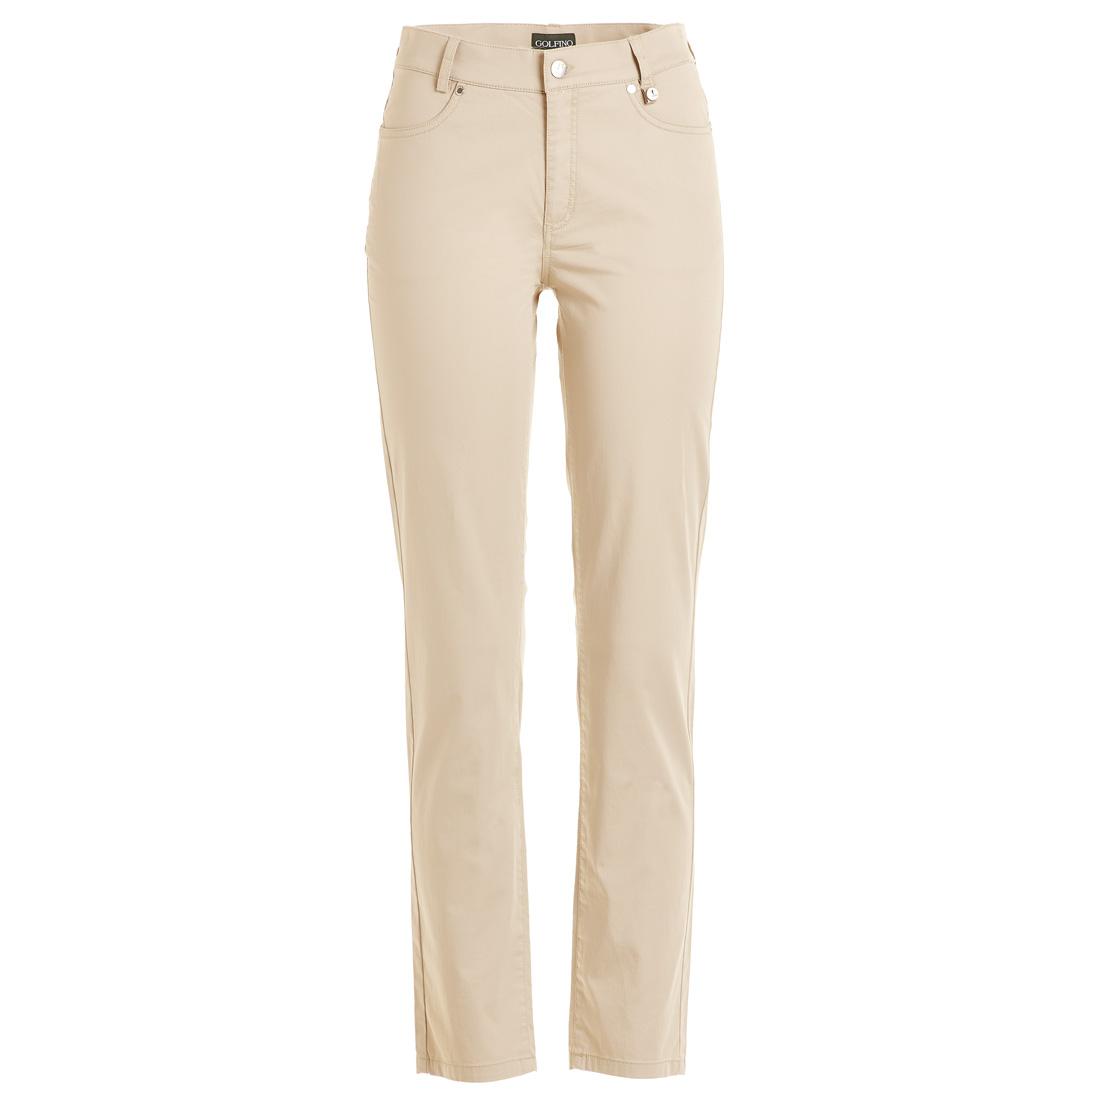 7/8-Baumwoll Stretch Hose